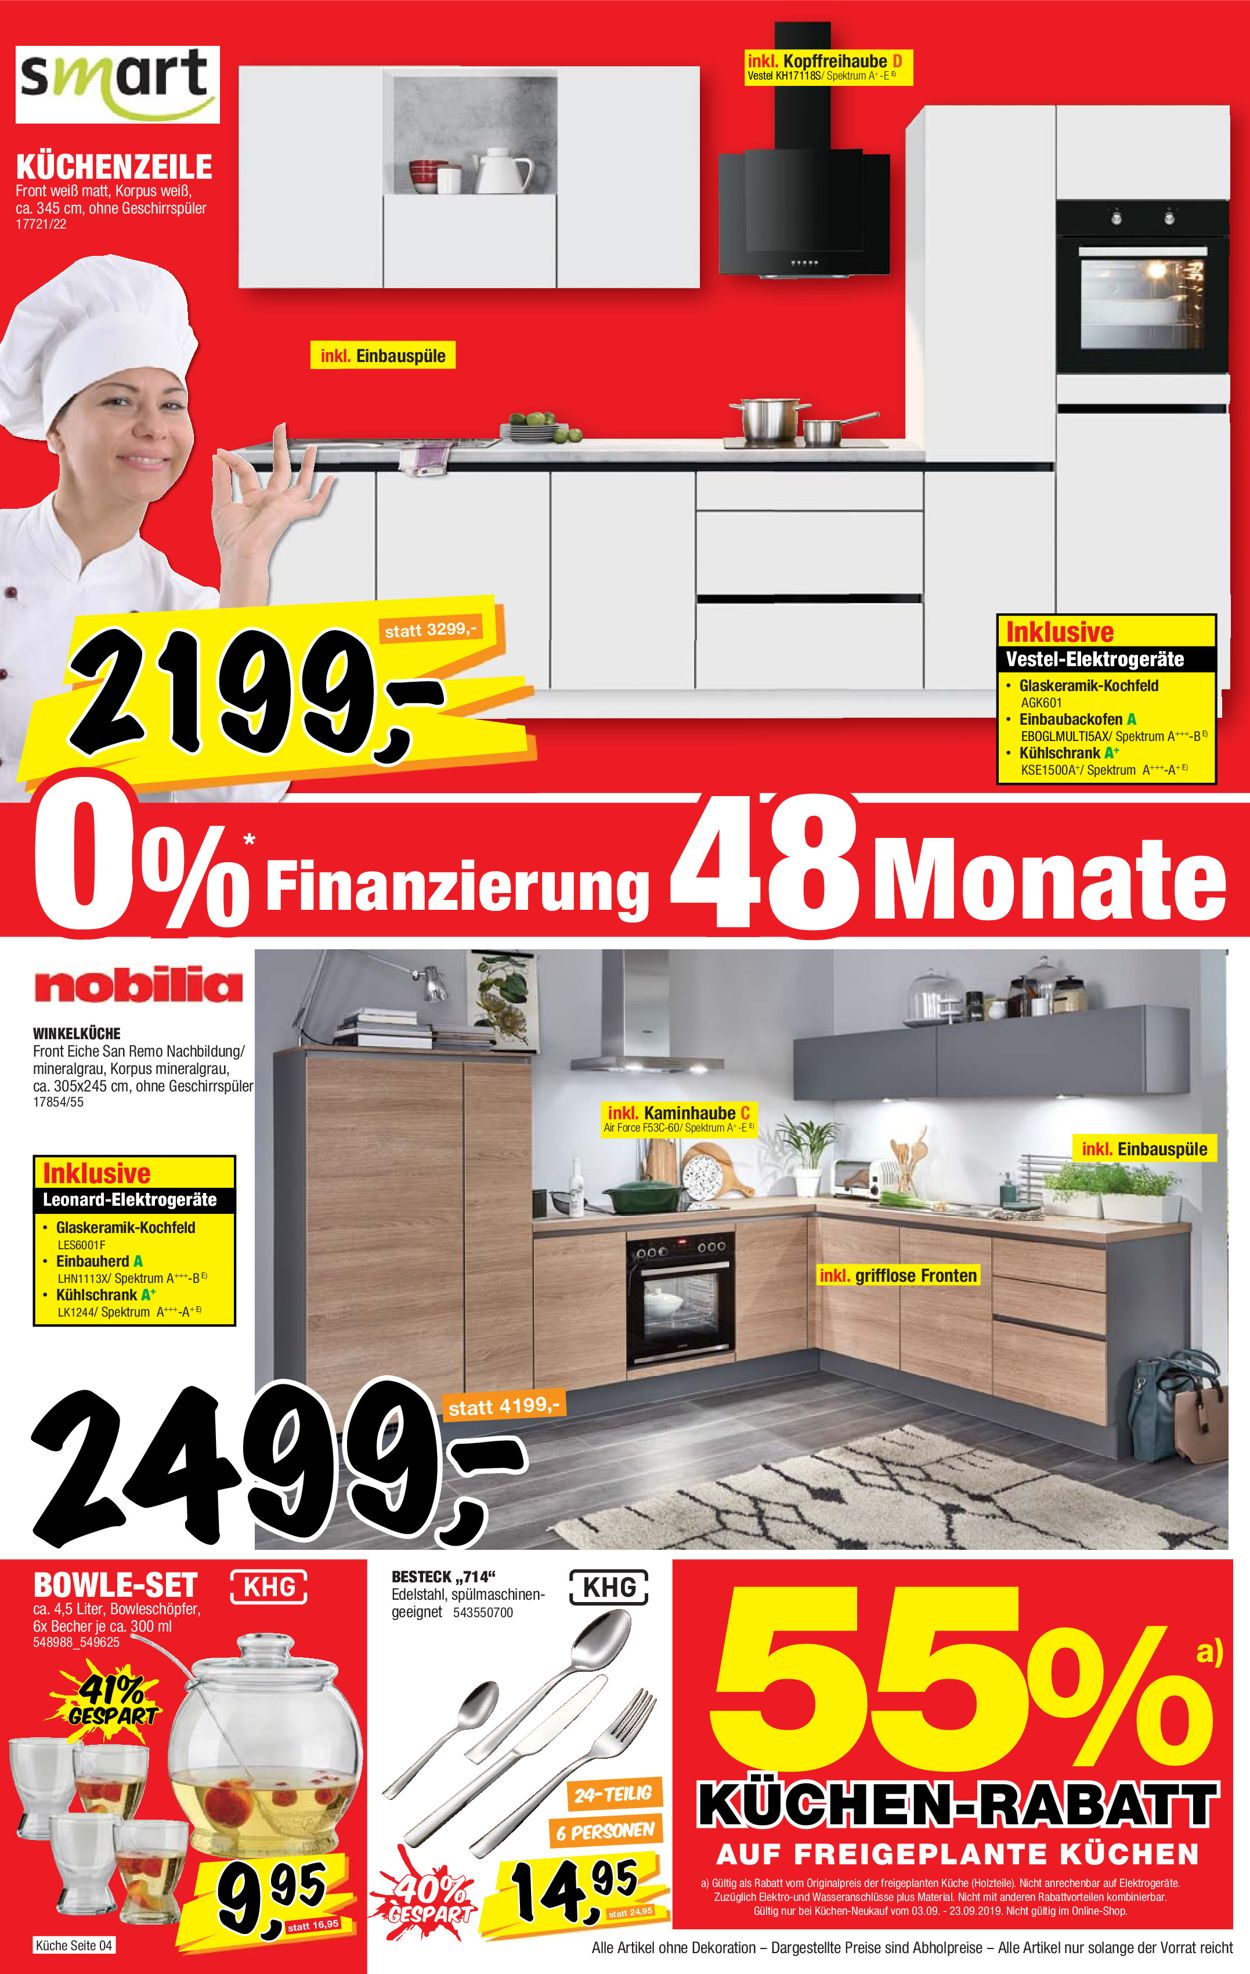 Full Size of Sconto Aktueller Prospekt 0309 23092019 16 Jedewoche Küchen Regal Wohnzimmer Sconto Küchen